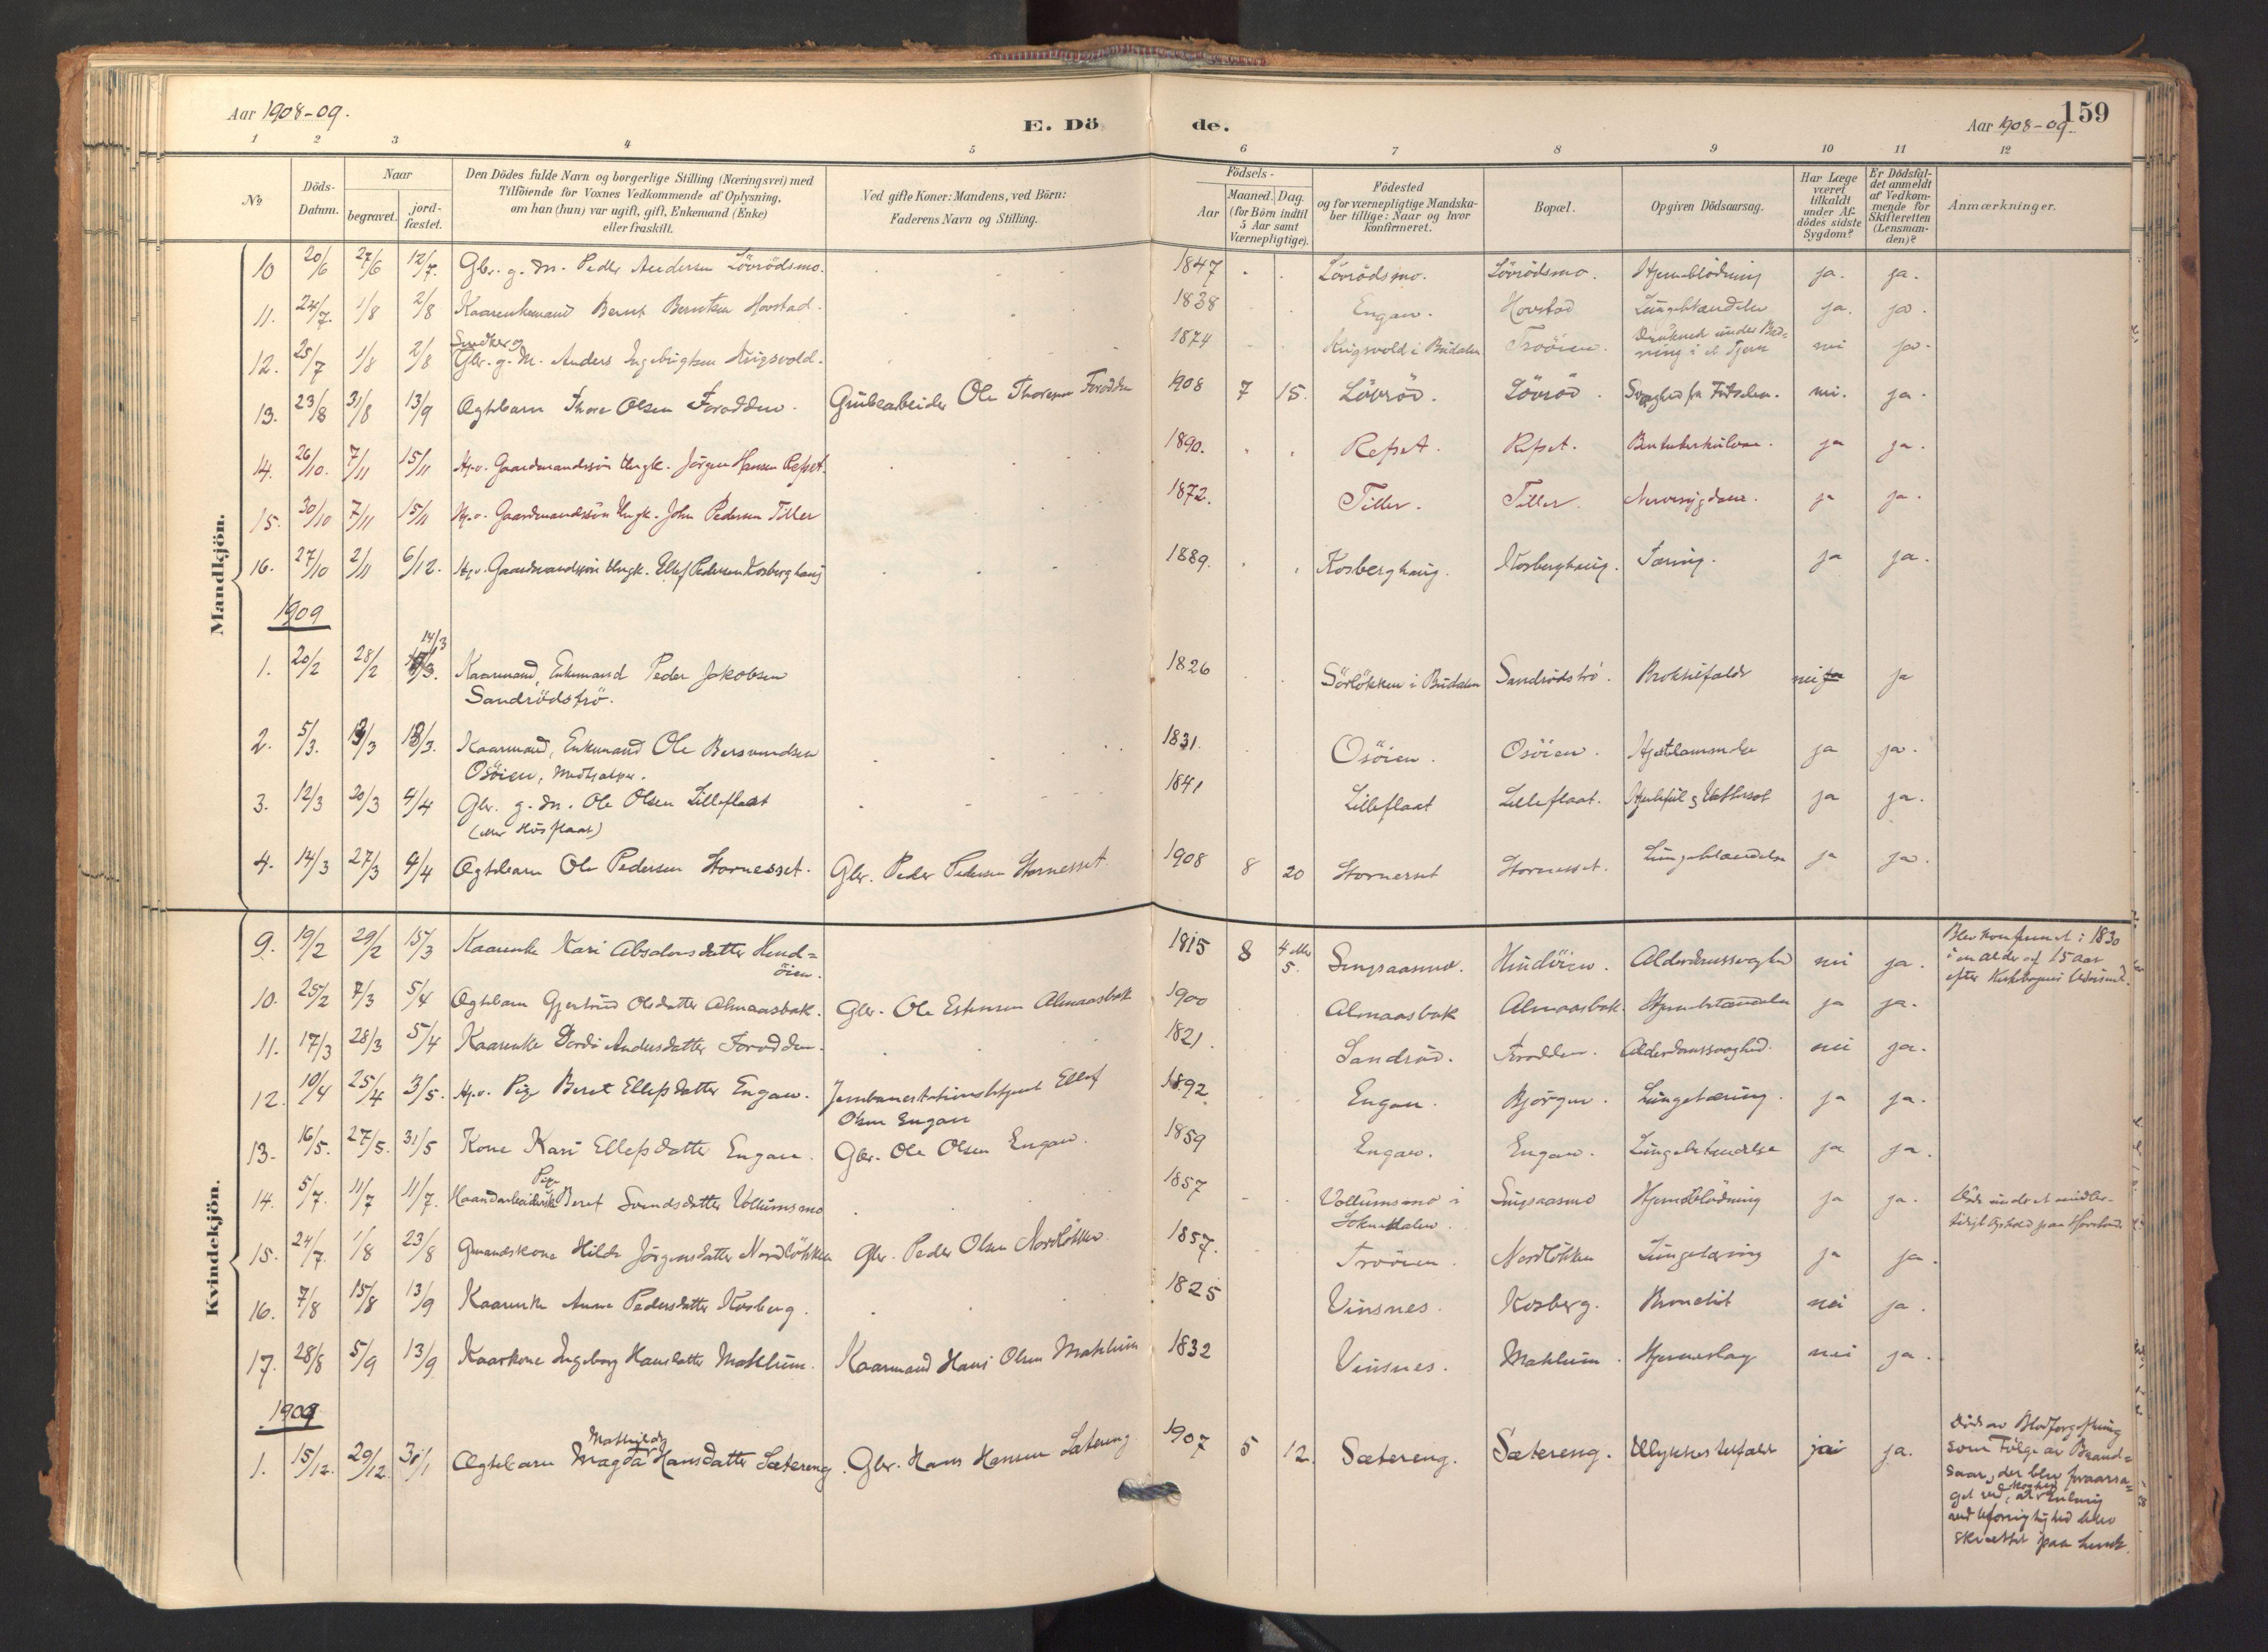 SAT, Ministerialprotokoller, klokkerbøker og fødselsregistre - Sør-Trøndelag, 688/L1025: Ministerialbok nr. 688A02, 1891-1909, s. 159